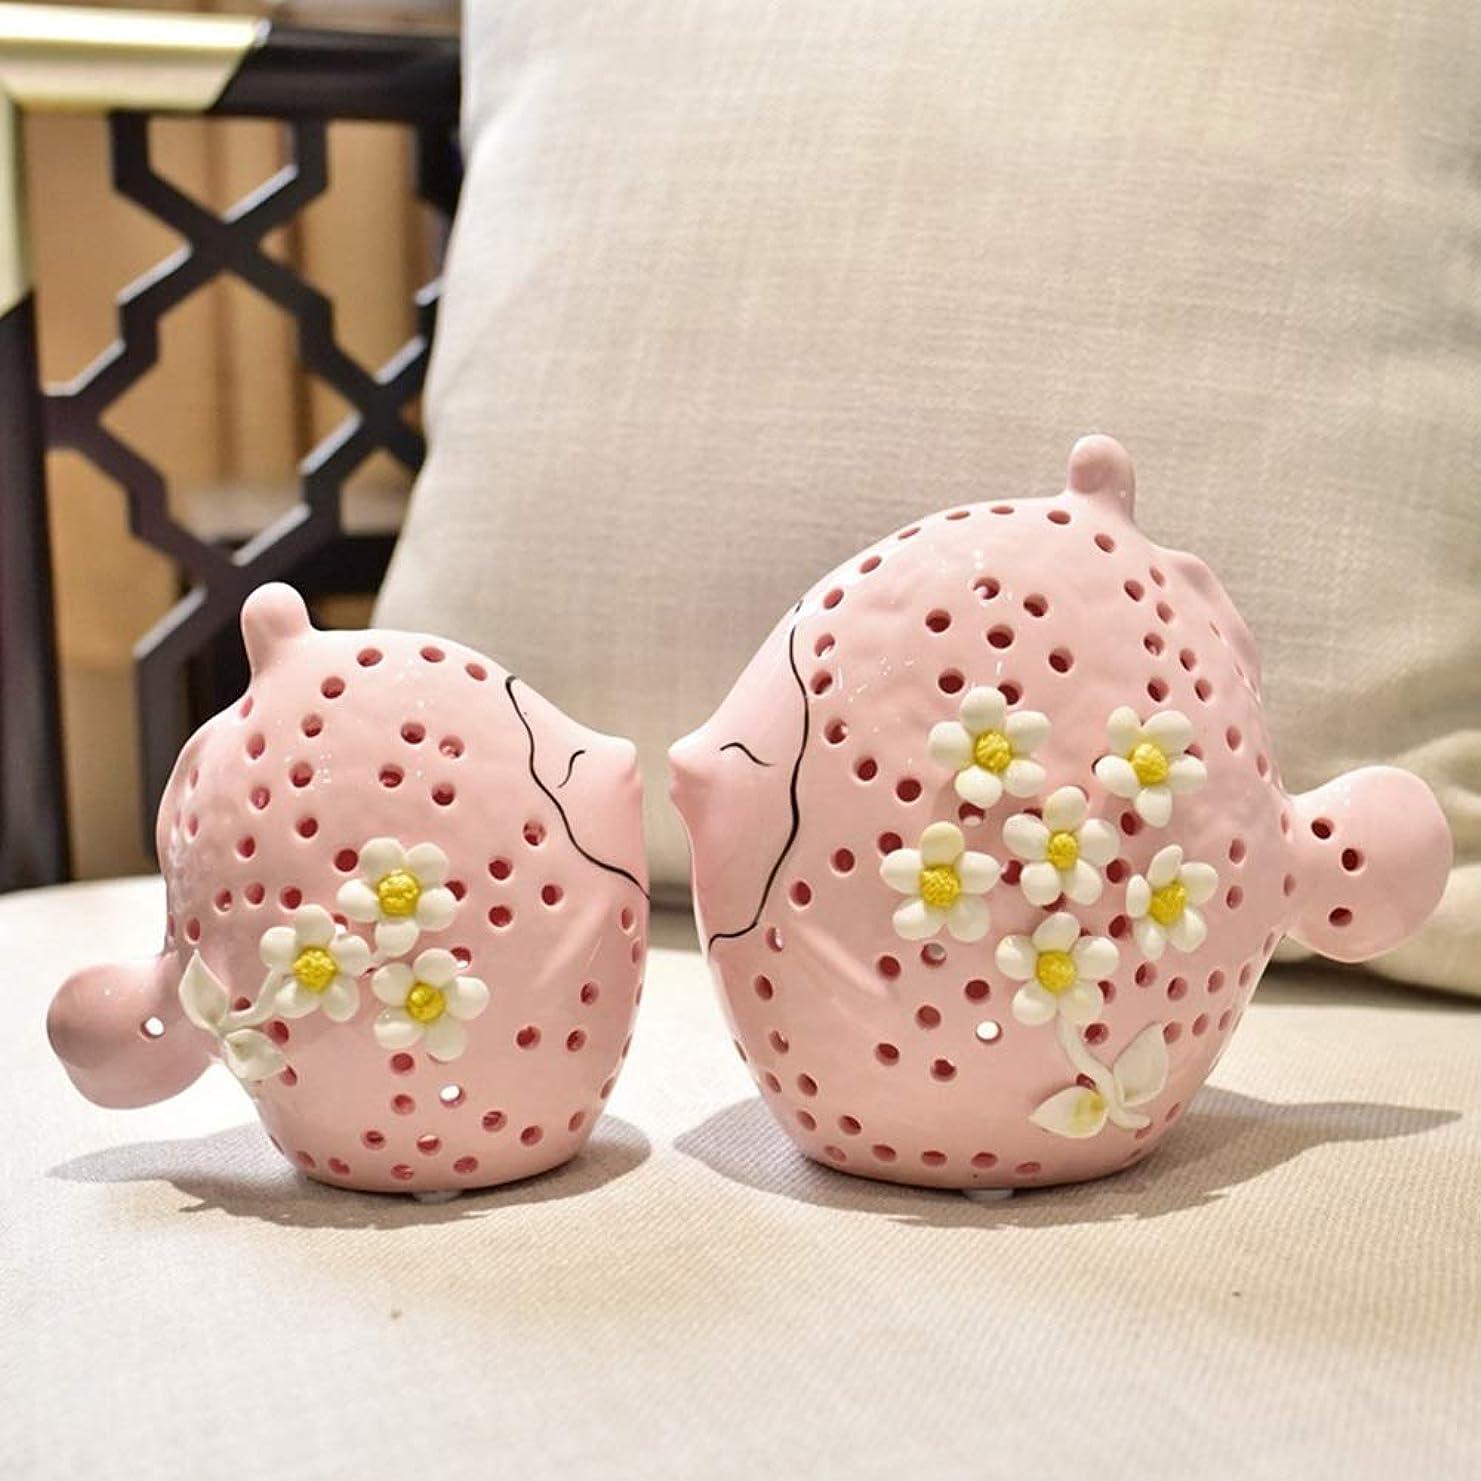 コントローラ一月に賛成アート モダンリビングルームのテレビキャビネットセラミック家庭用装飾品/装飾品/バーエントランスギフト19 * 21.5センチメートル 飾る (色 : Pink)